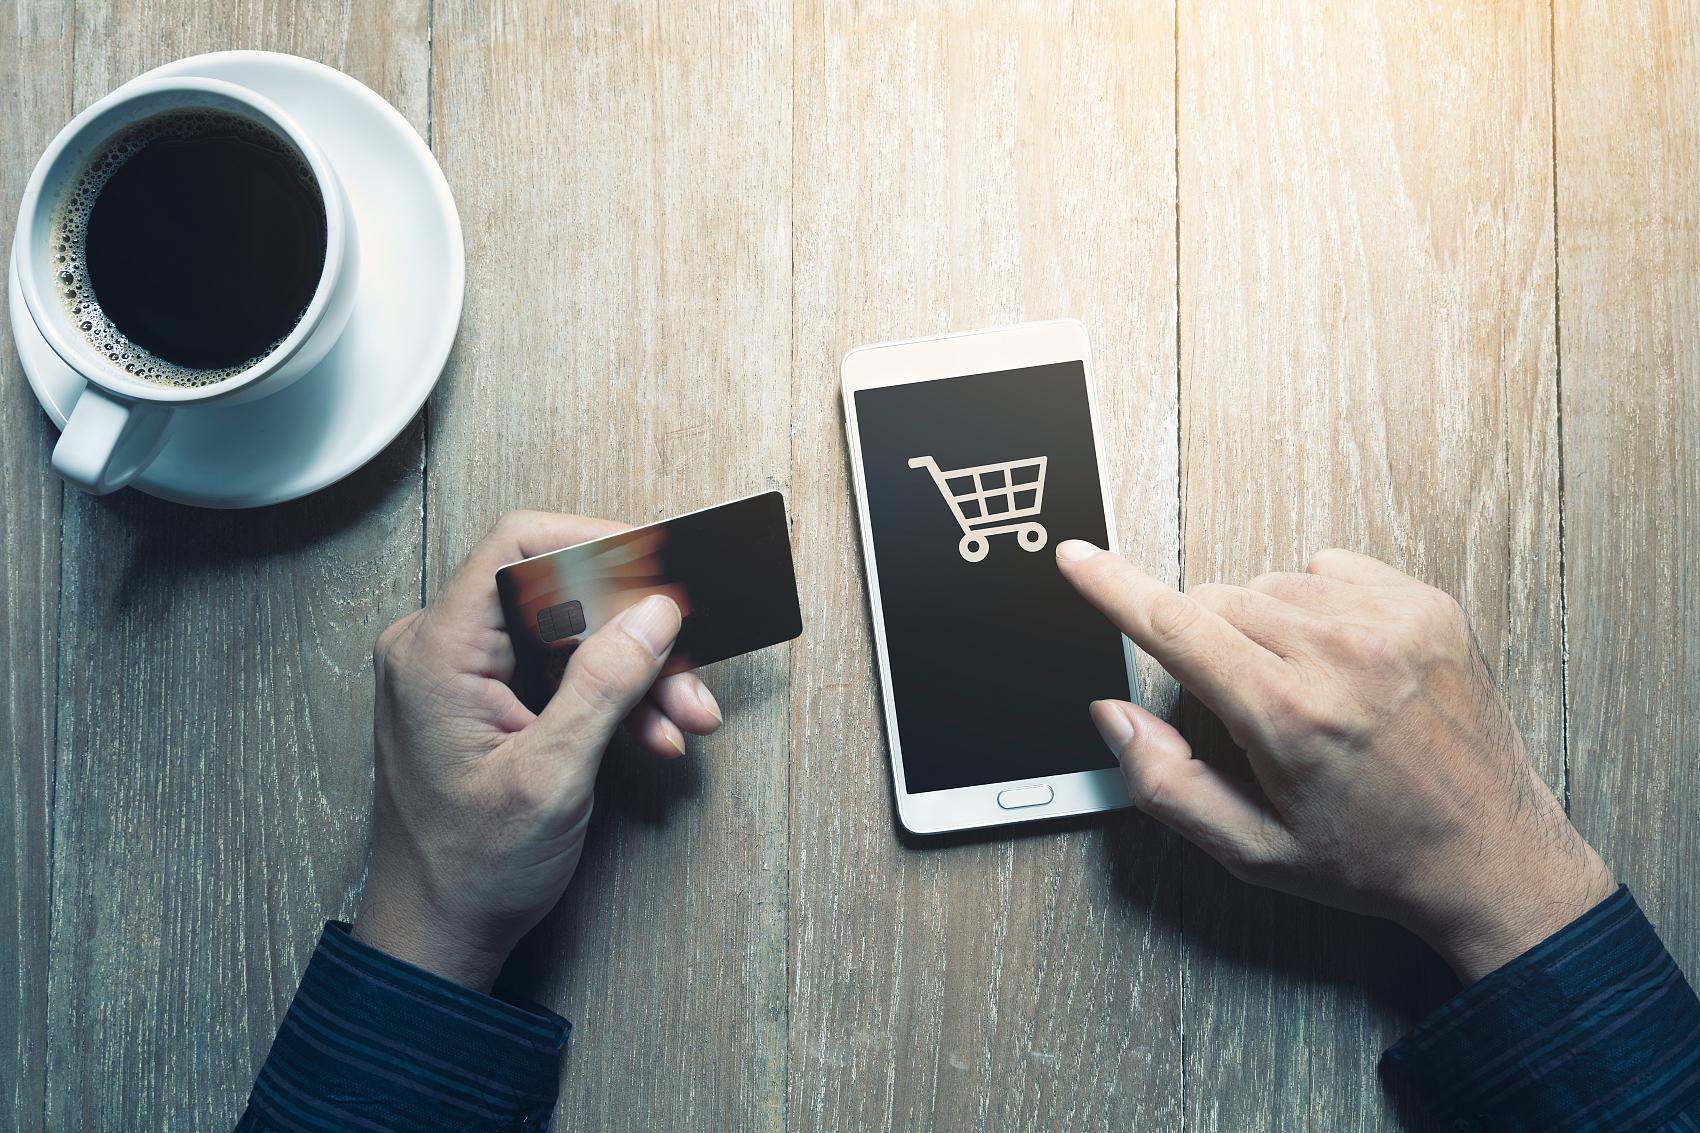 即将上市的<em>微店</em>:电商平台、开店工具,还是众创空间?